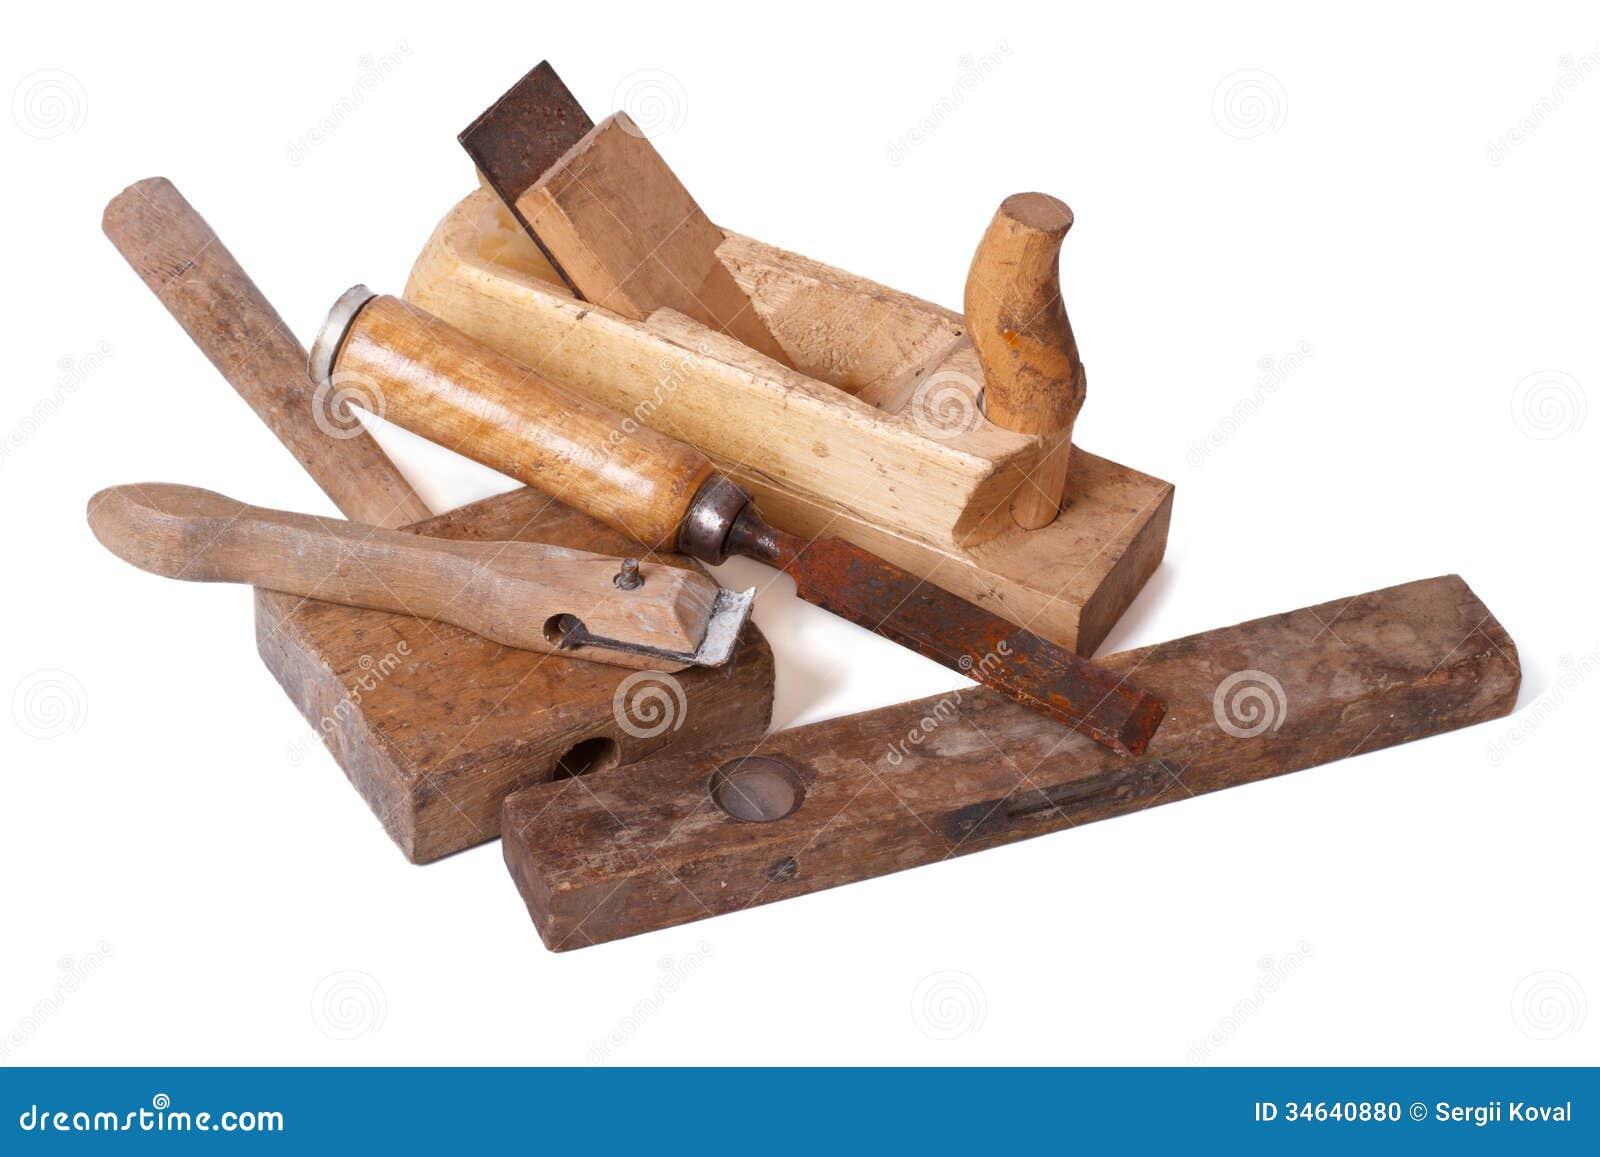 Insieme di vecchi attrezzi per bricolage di legno isolati for Bricolage legno